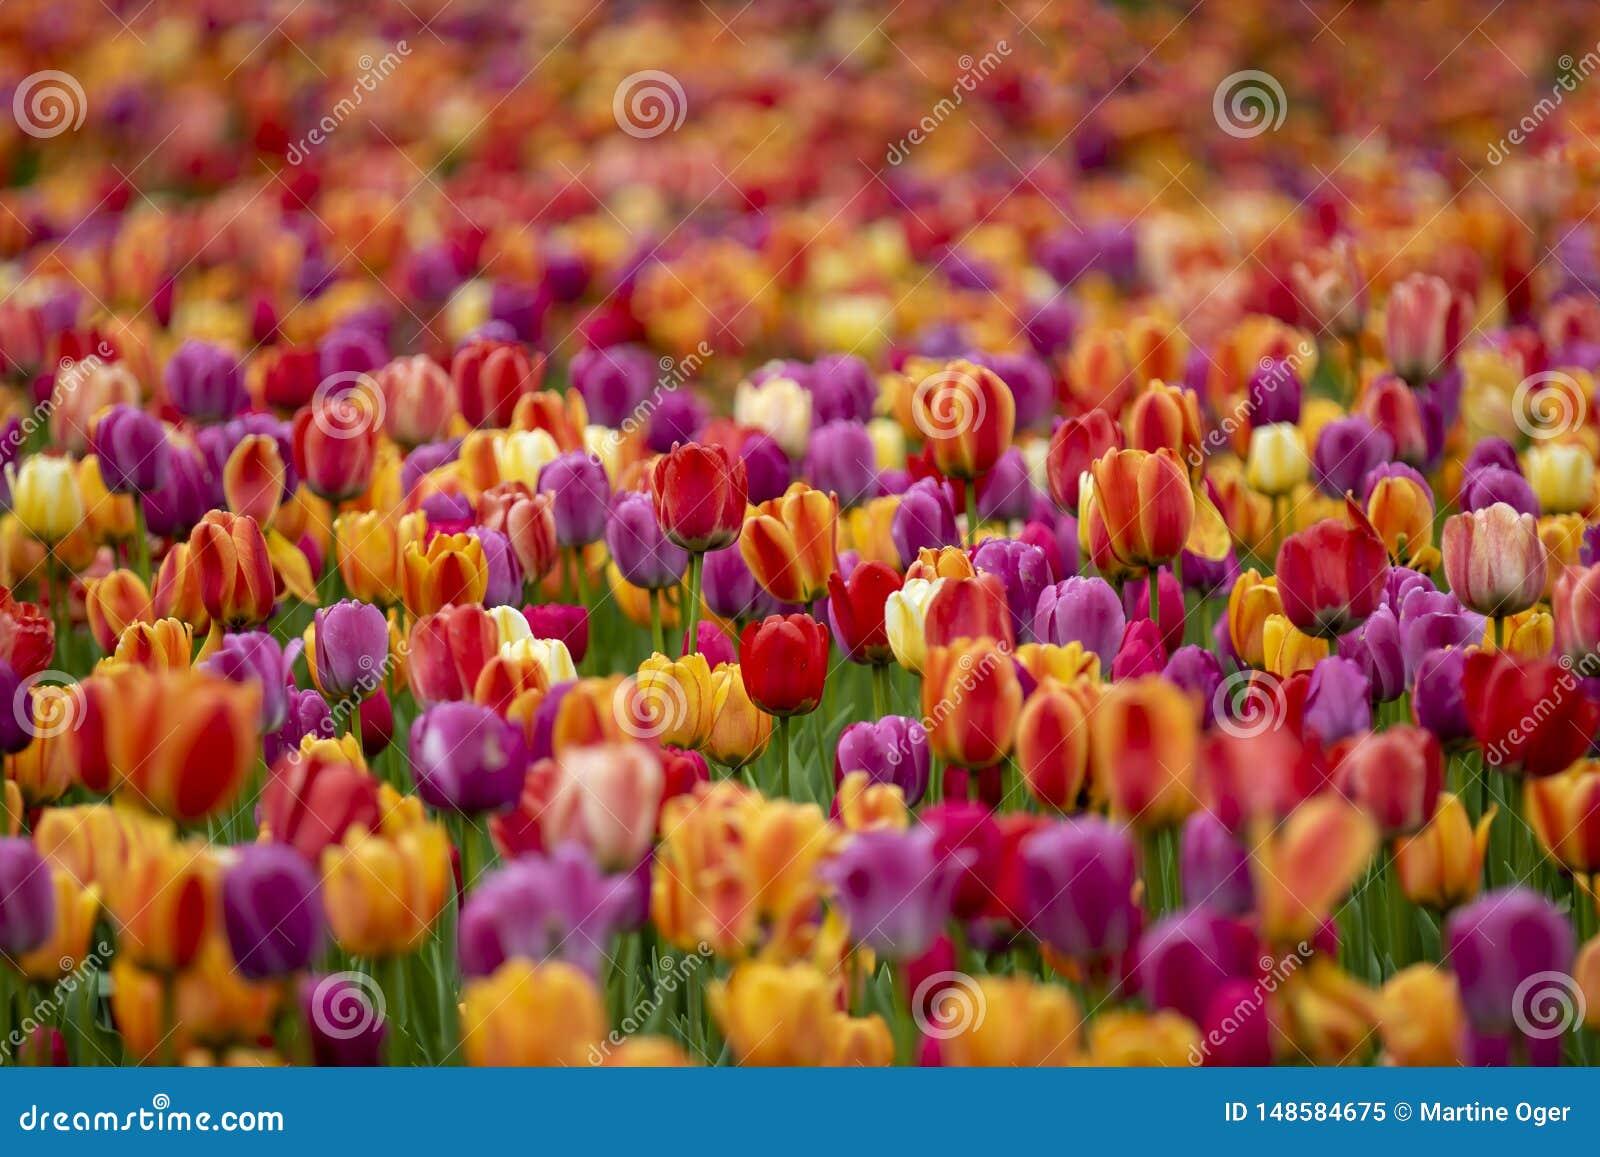 Feld der farbigen Tulpen